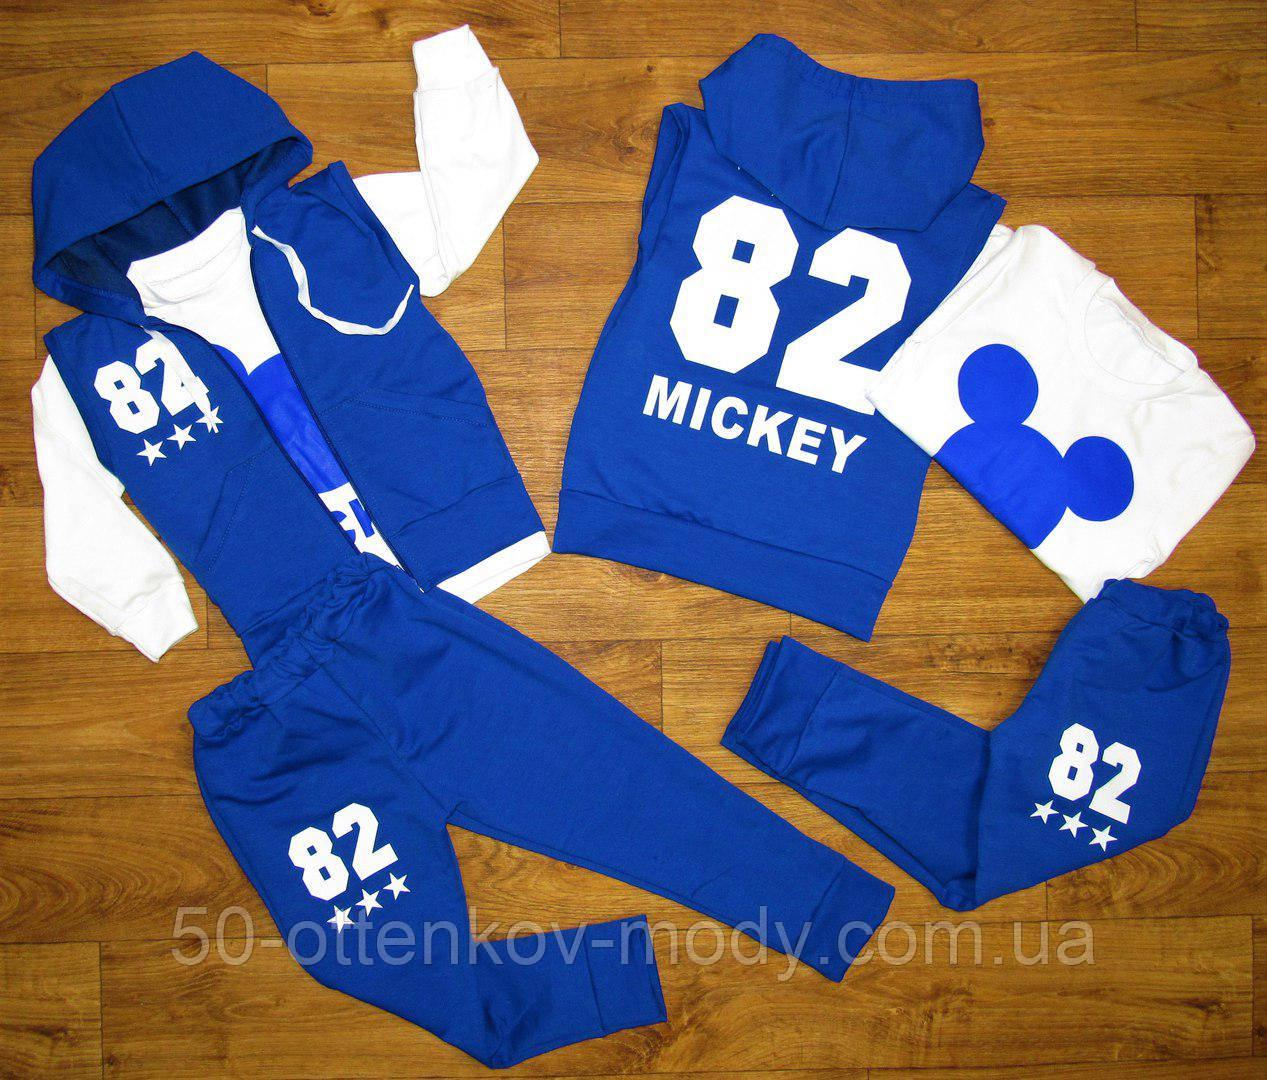 Детский спортивный костюм Микки тройка,качество шикарное!